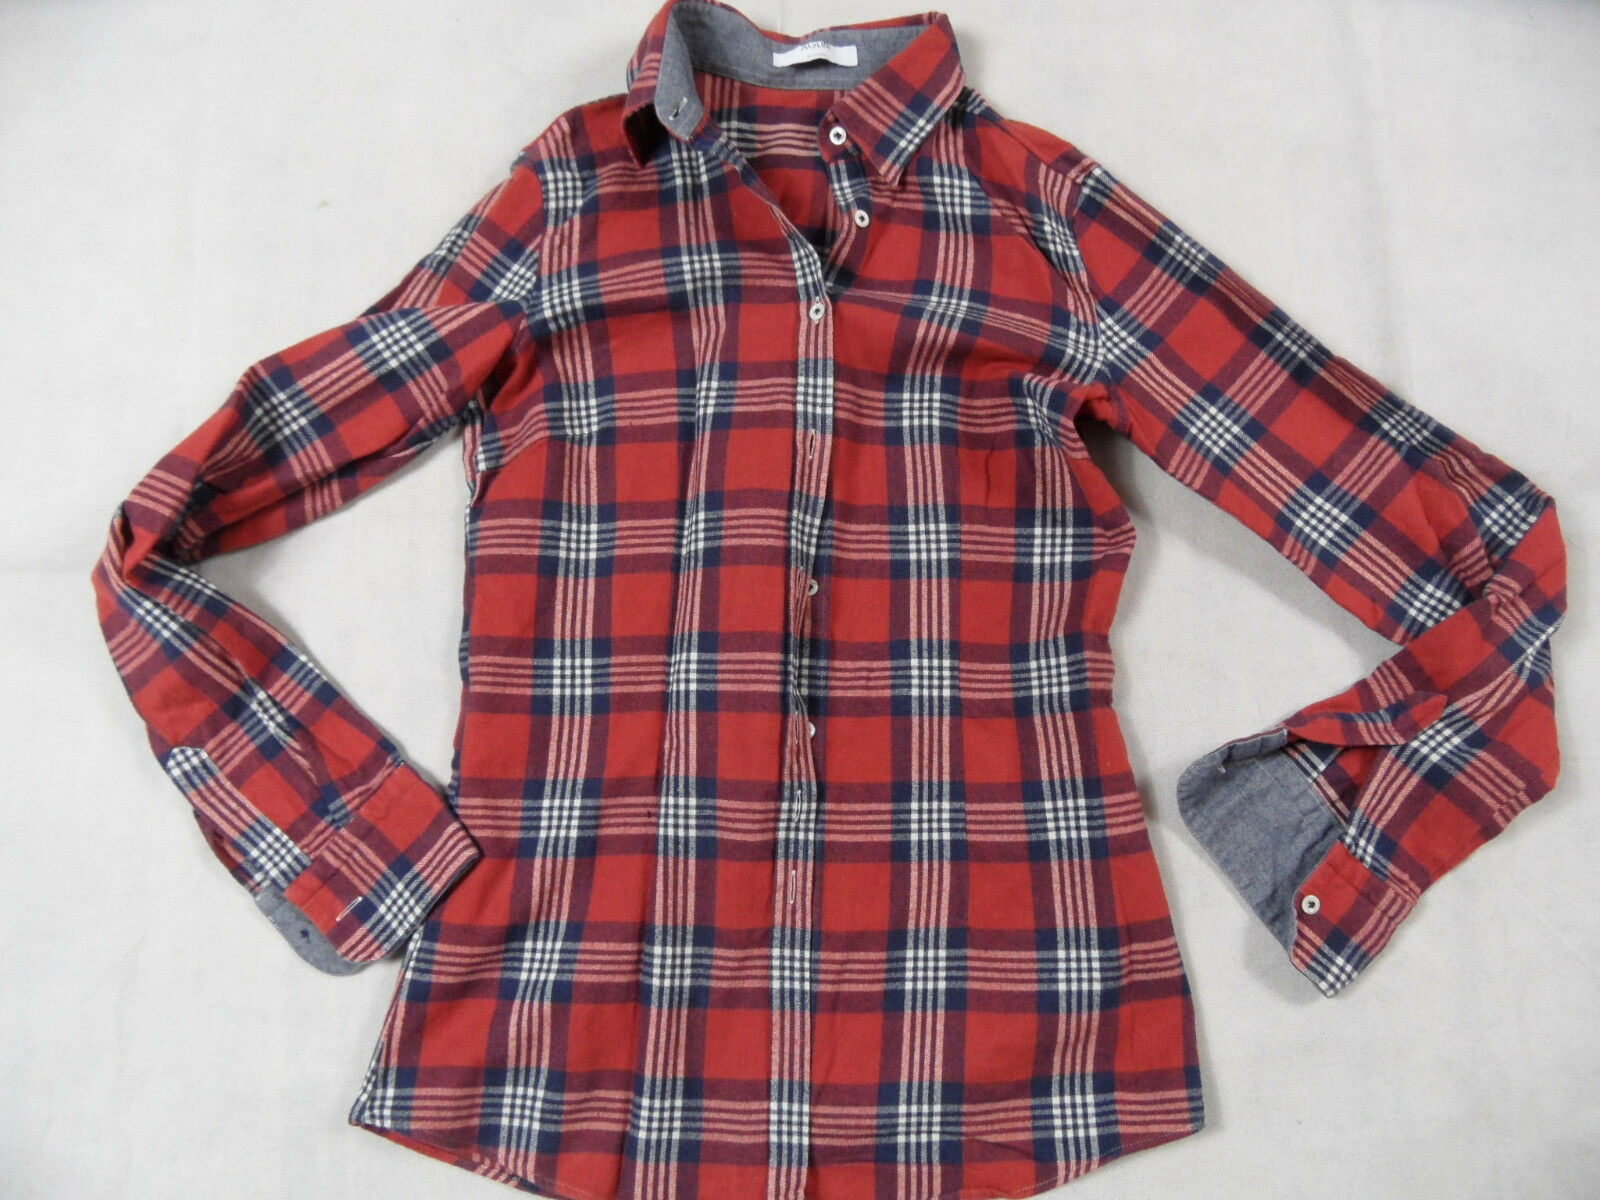 AGLINI bella conti Flanella Camicia Rosso Blu Bianco Tg. IT 42 Top bi1118